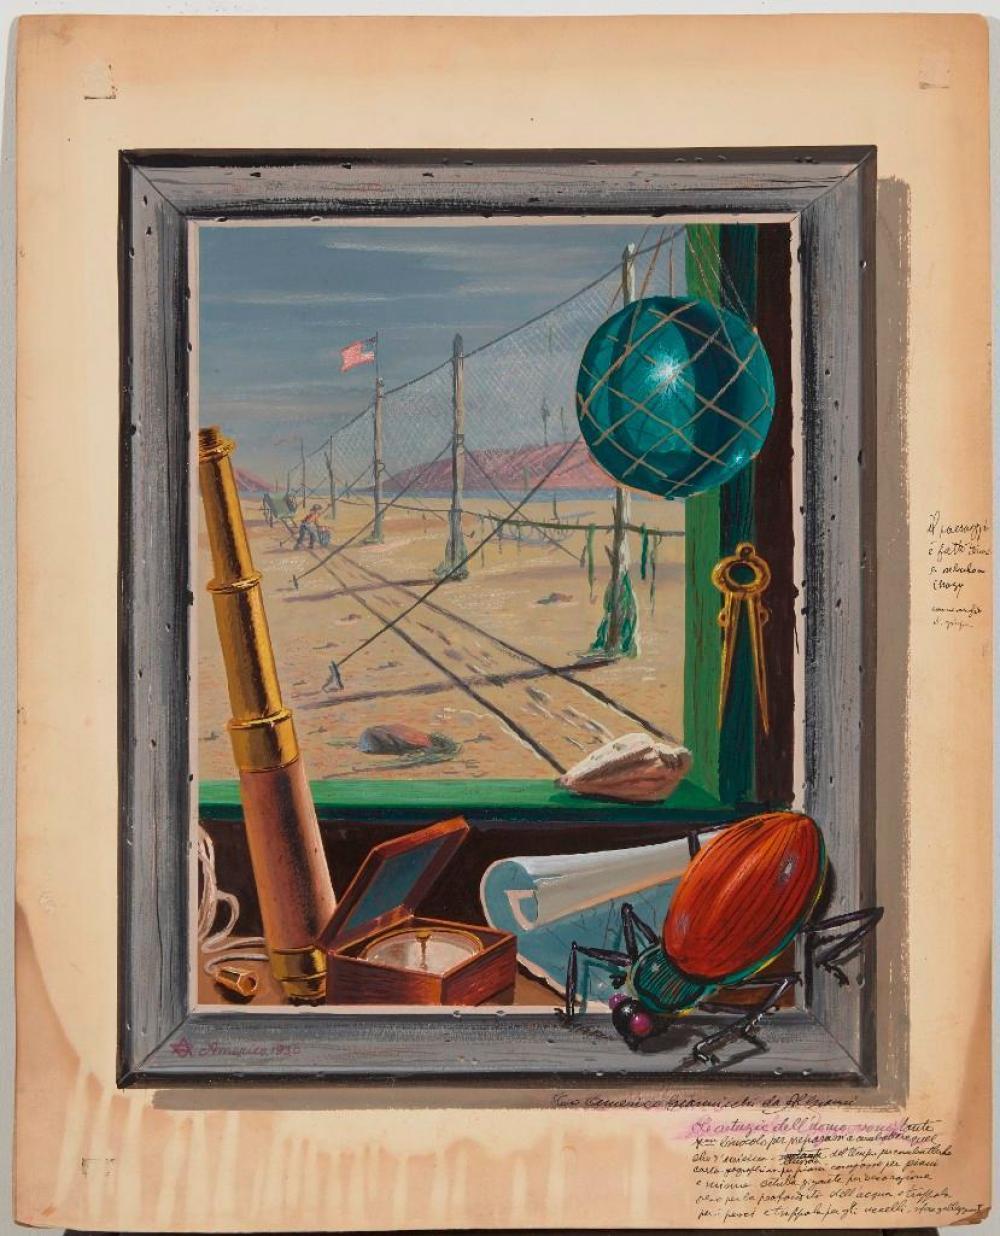 Algianni - Americo Modernist watercolor 1930